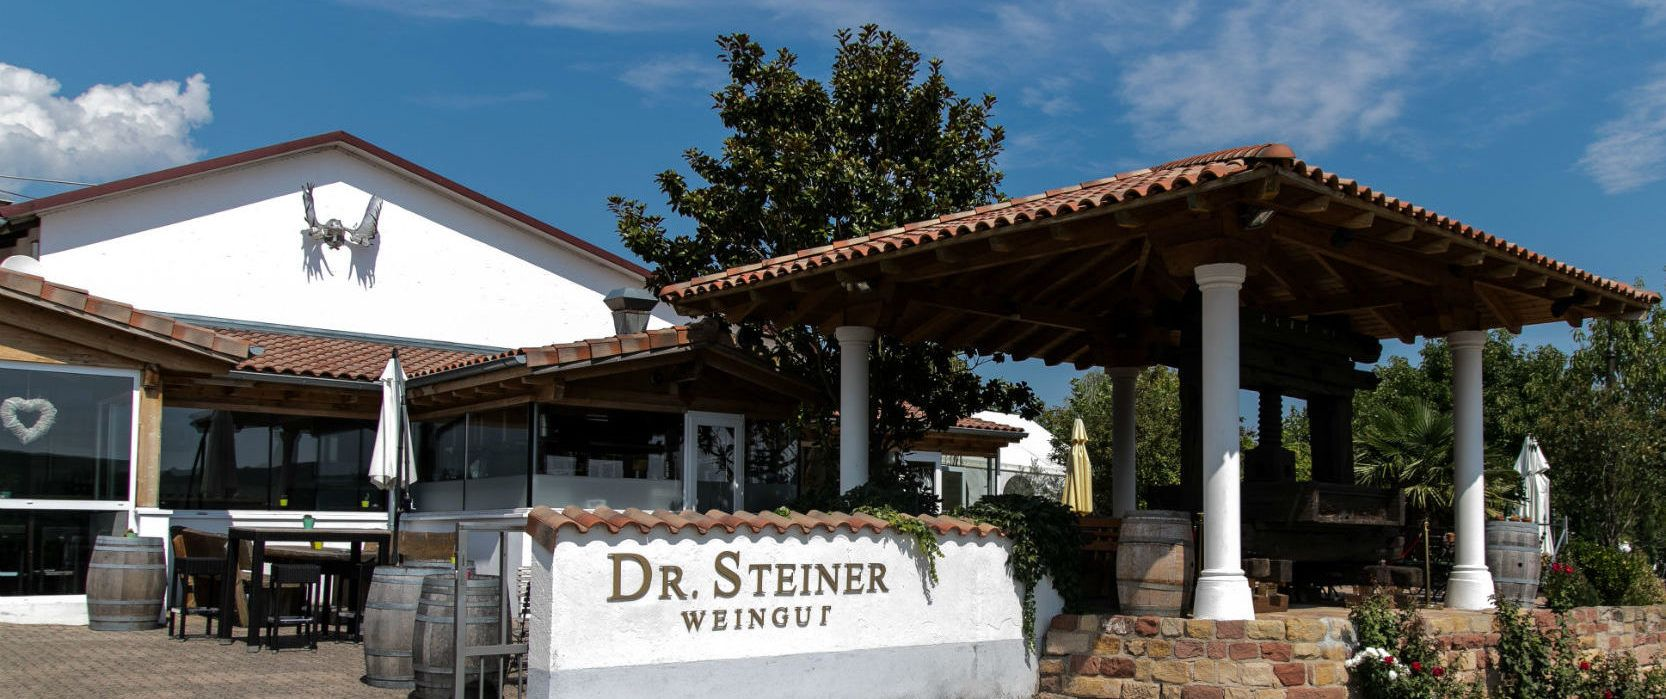 Hochzeitslocation Weingut Dr. Steiner | Heiraten in der